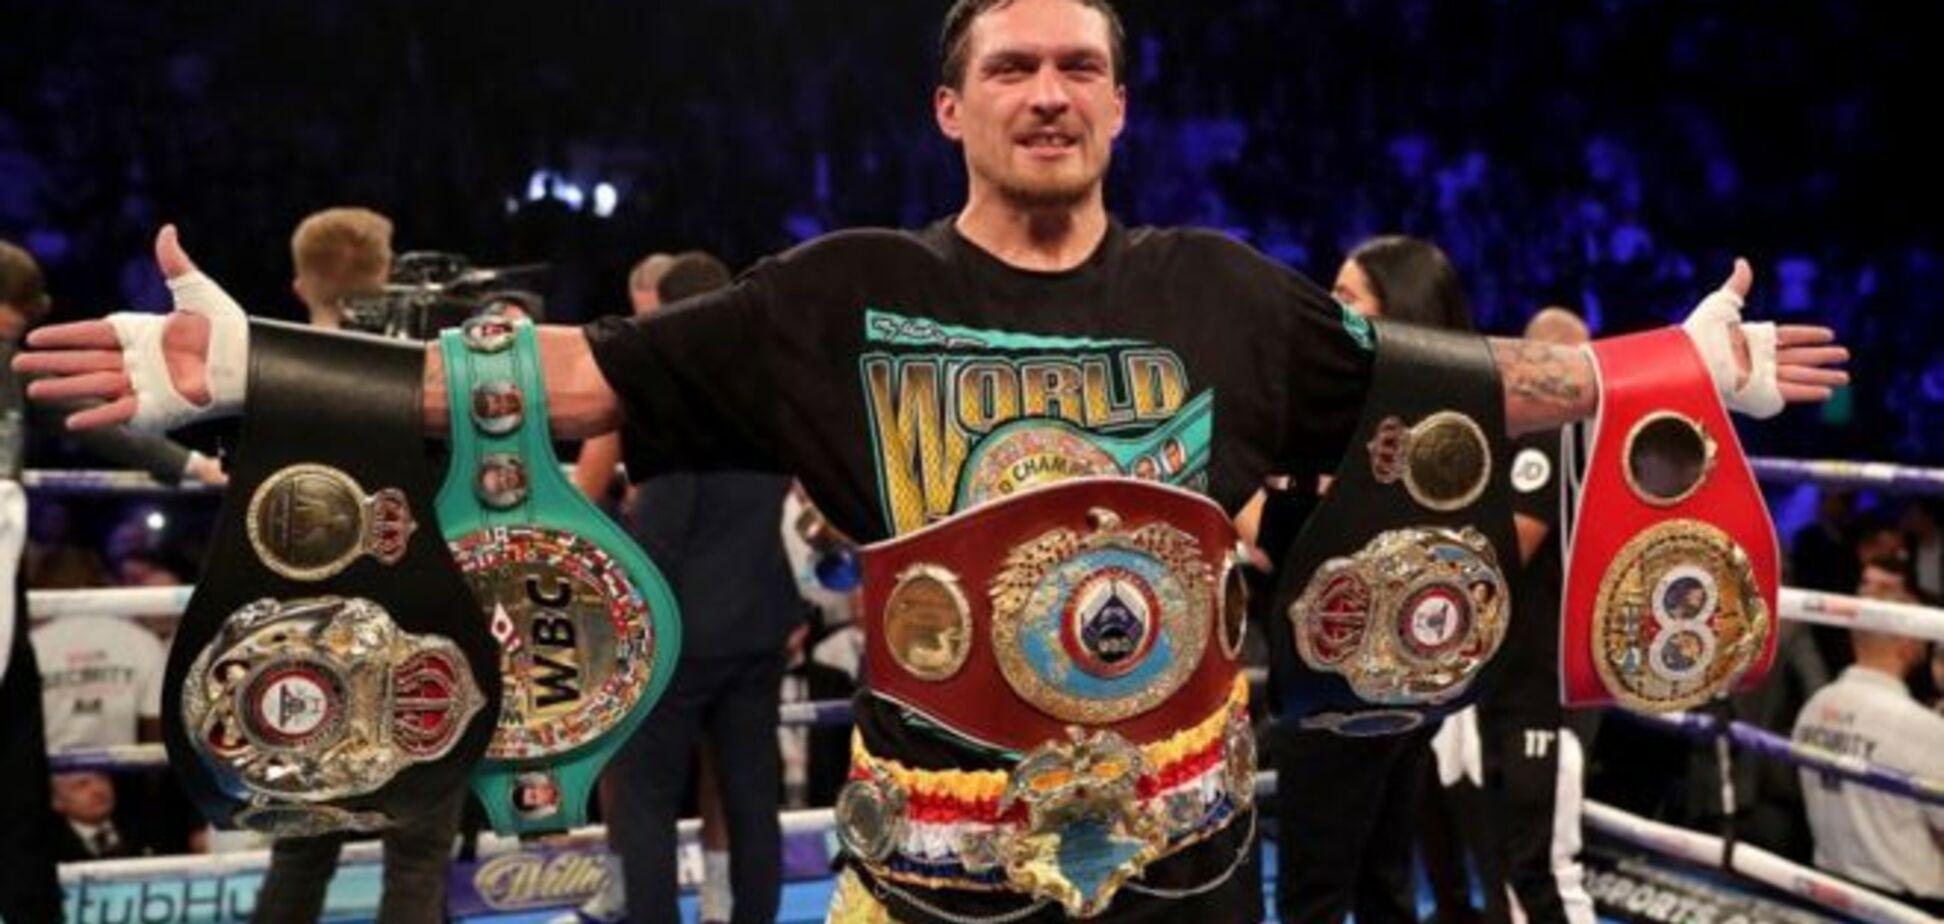 'Взагалі забути': промоутер Усика розповів, коли відбудеться новий бій чемпіона